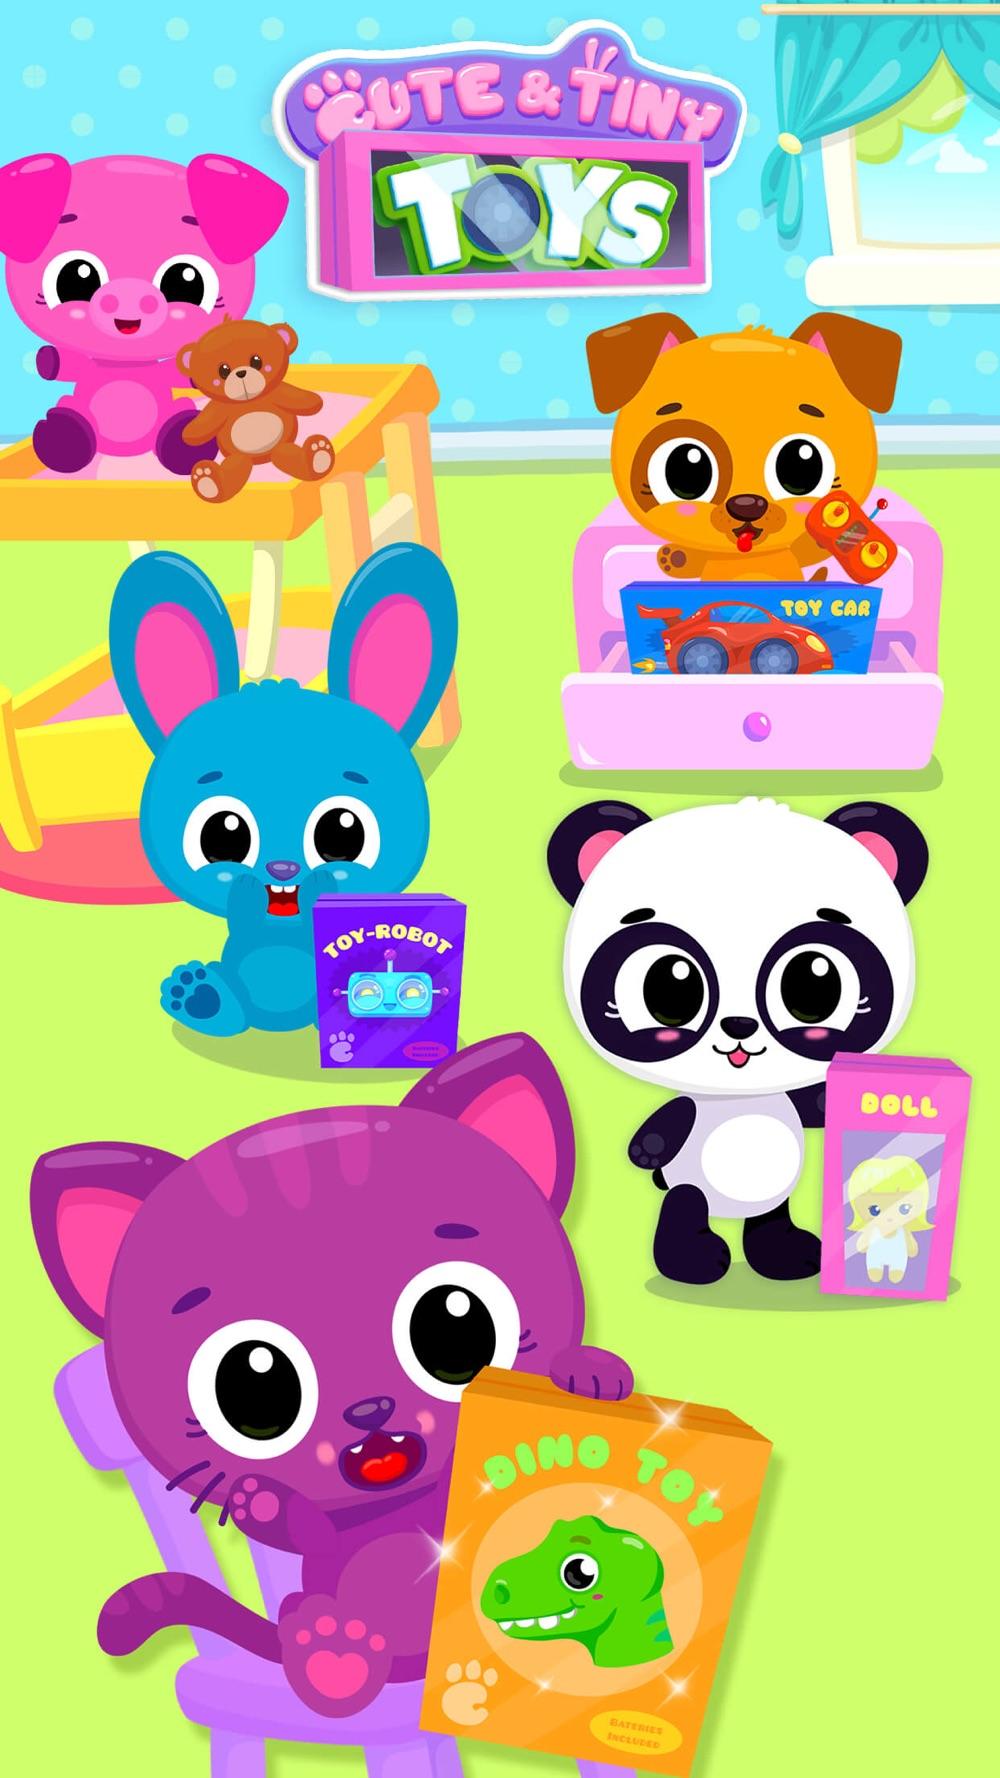 Cute & Tiny Toys